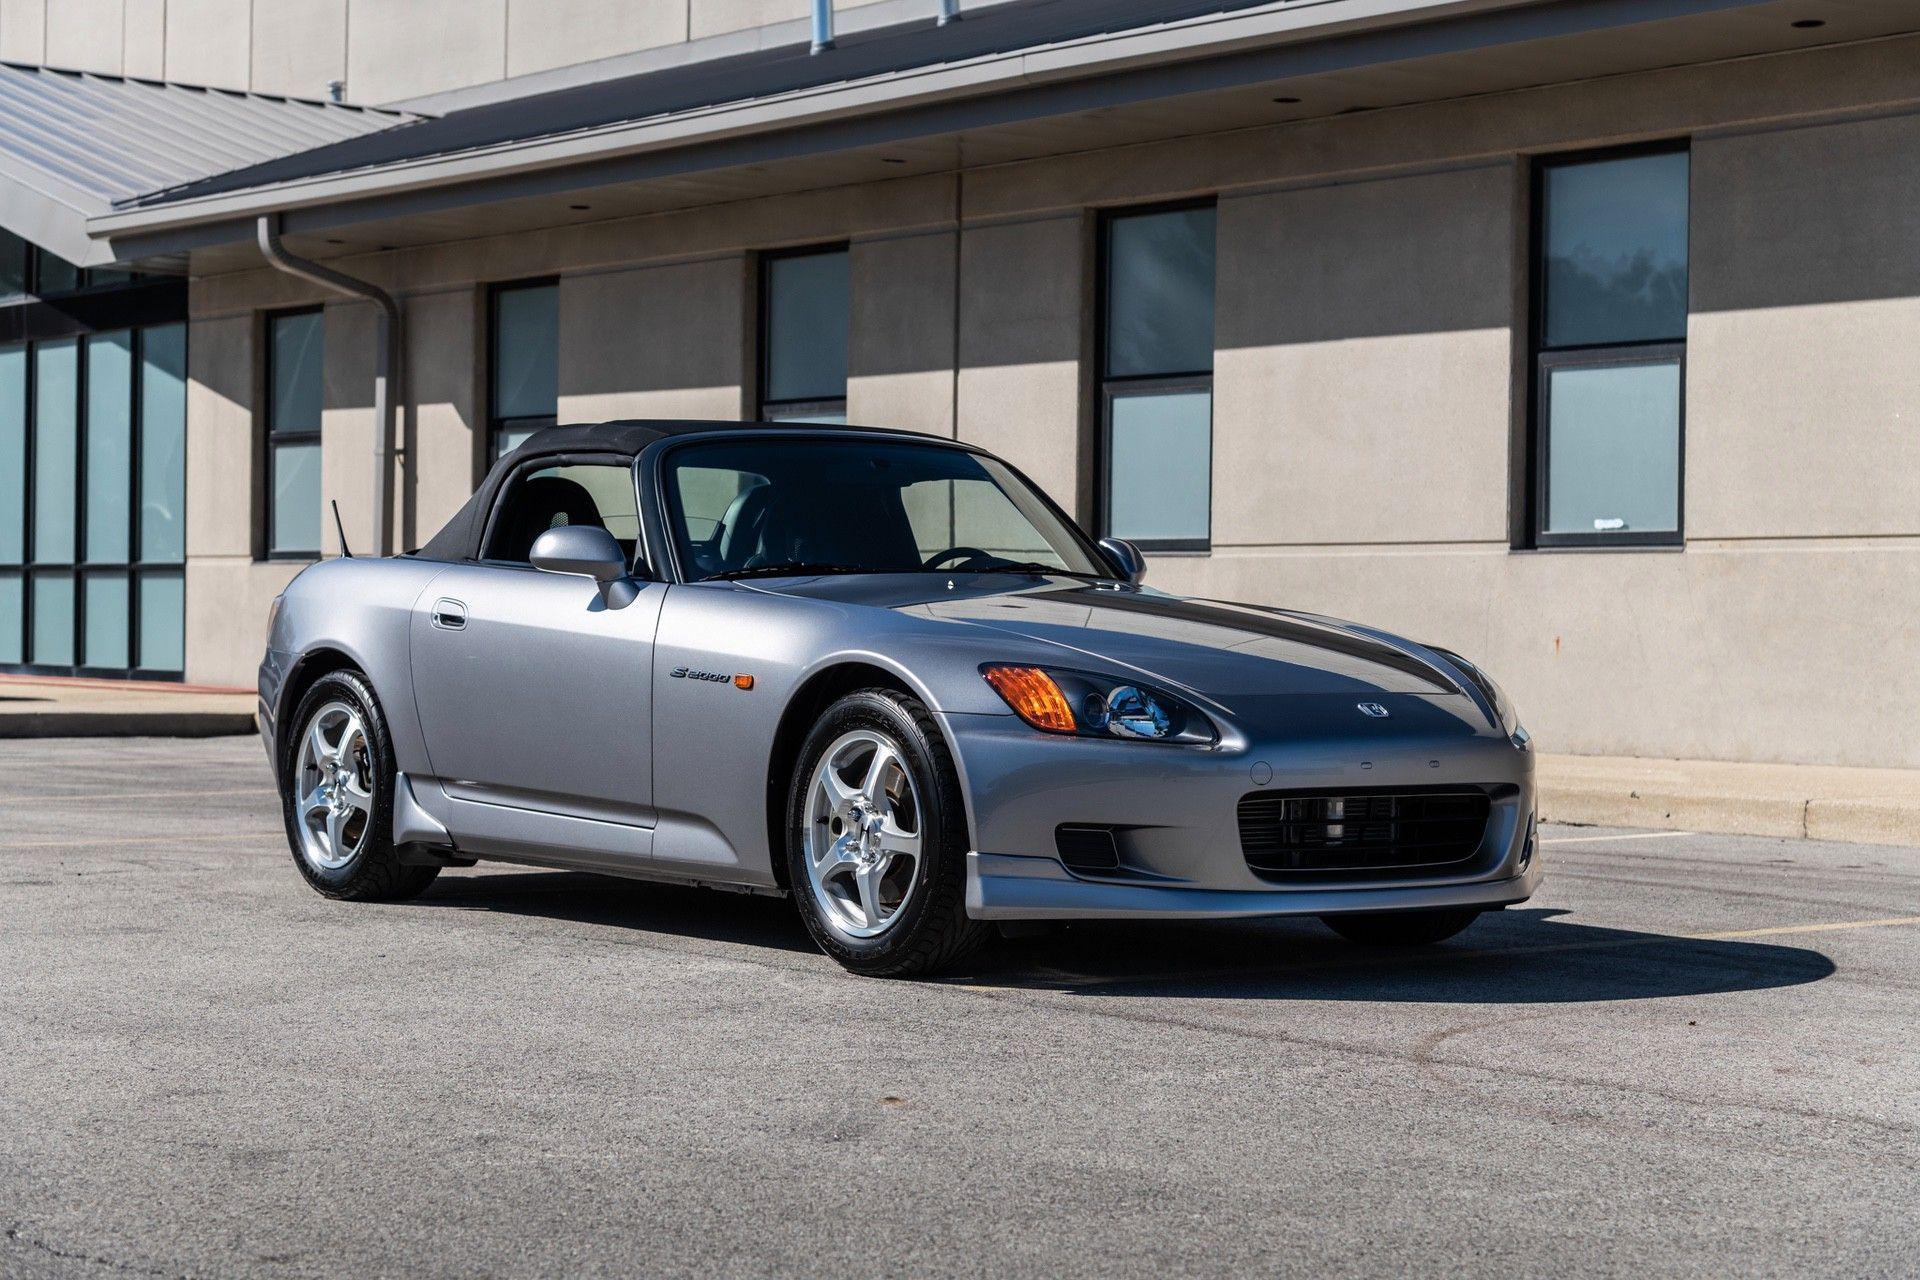 2001-Honda-S2000-0005